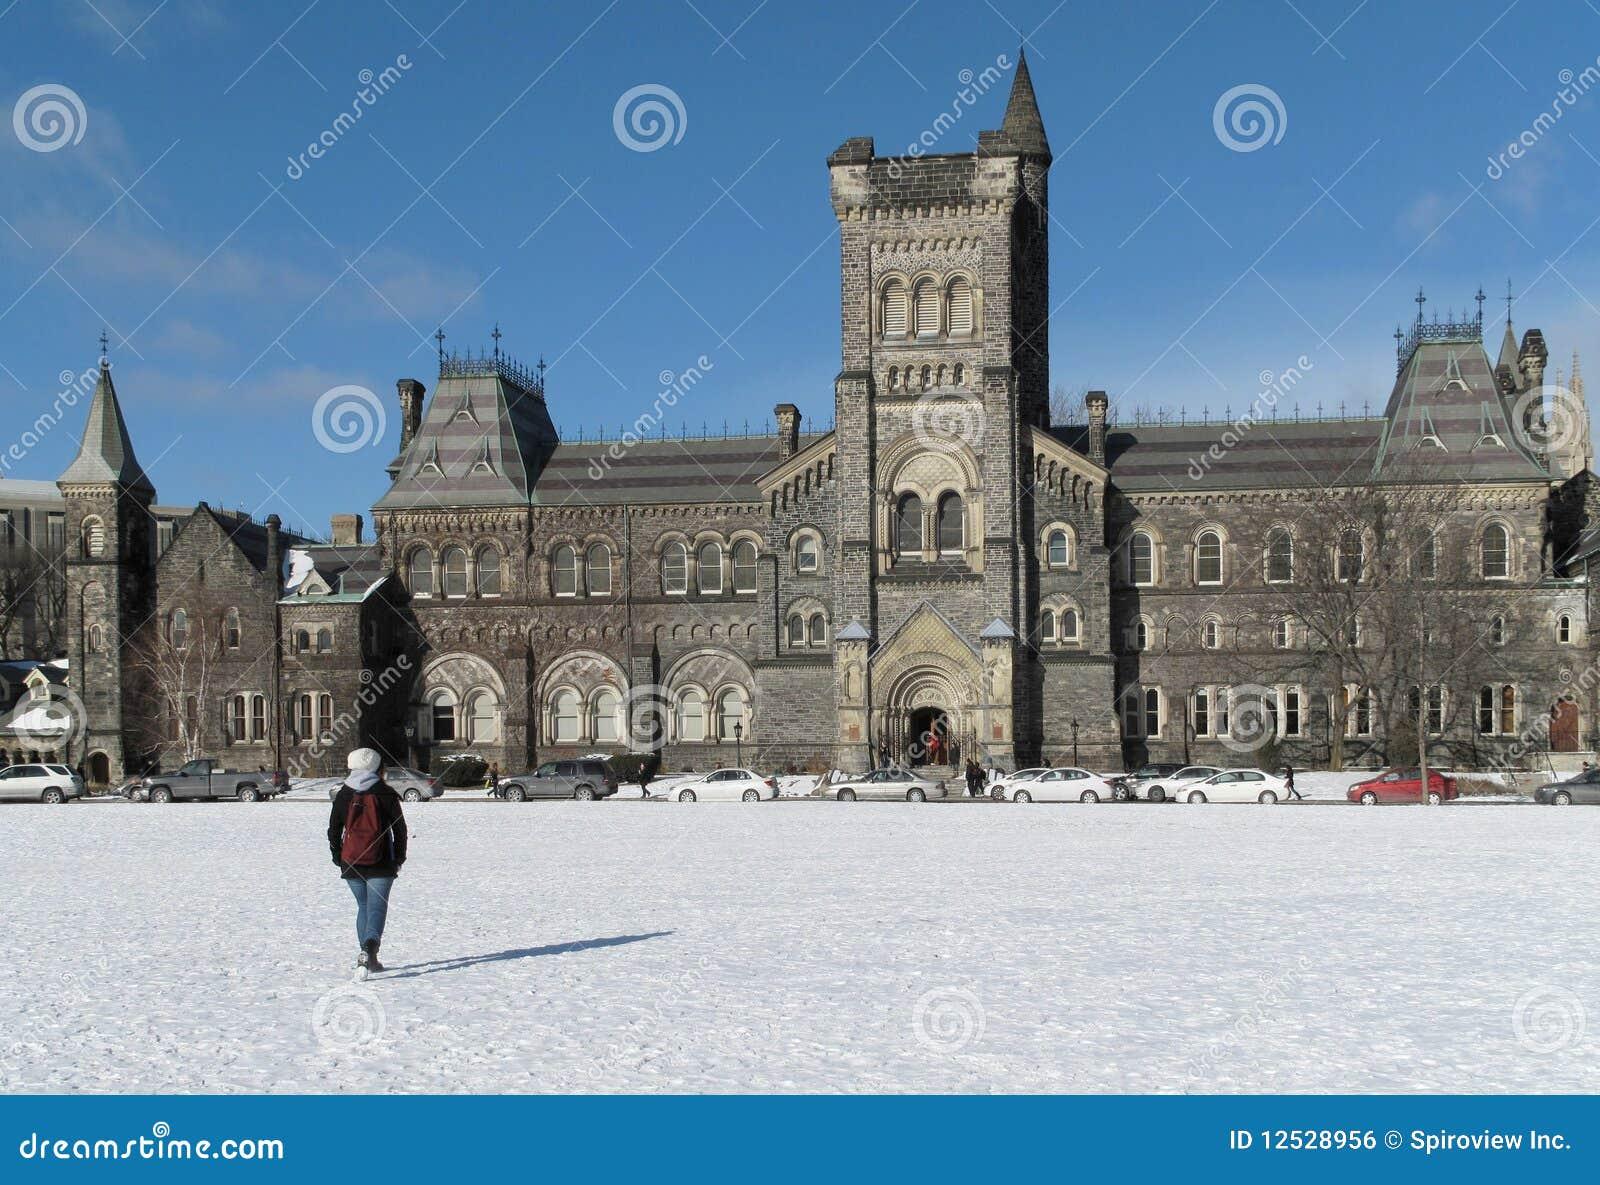 Universiteit in de winter